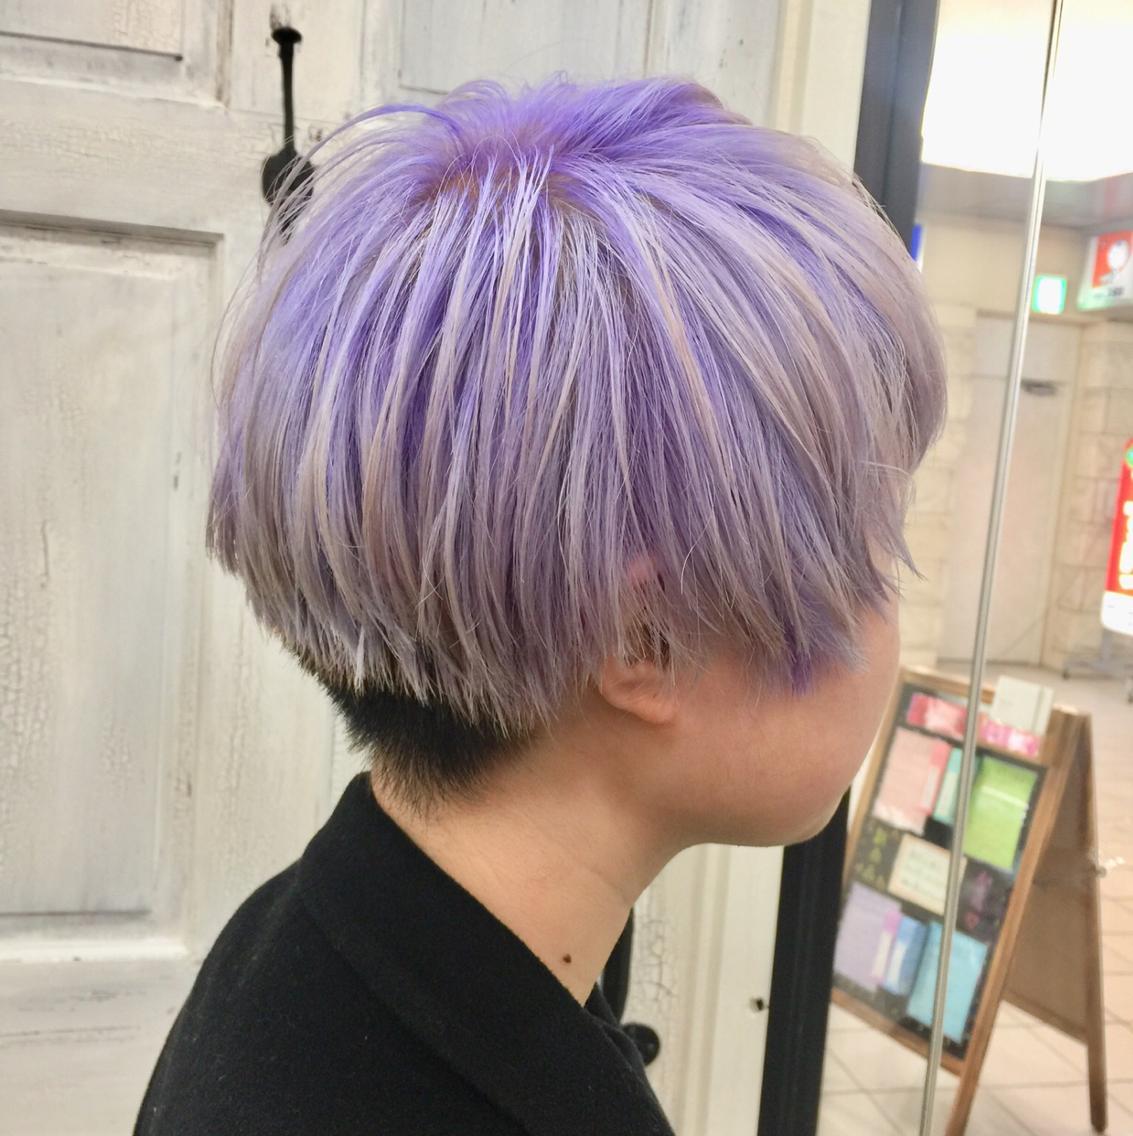 自分だけの髪型見つけませんか?もっと可愛く、カッコよくなるお手伝いをさせて下さい!